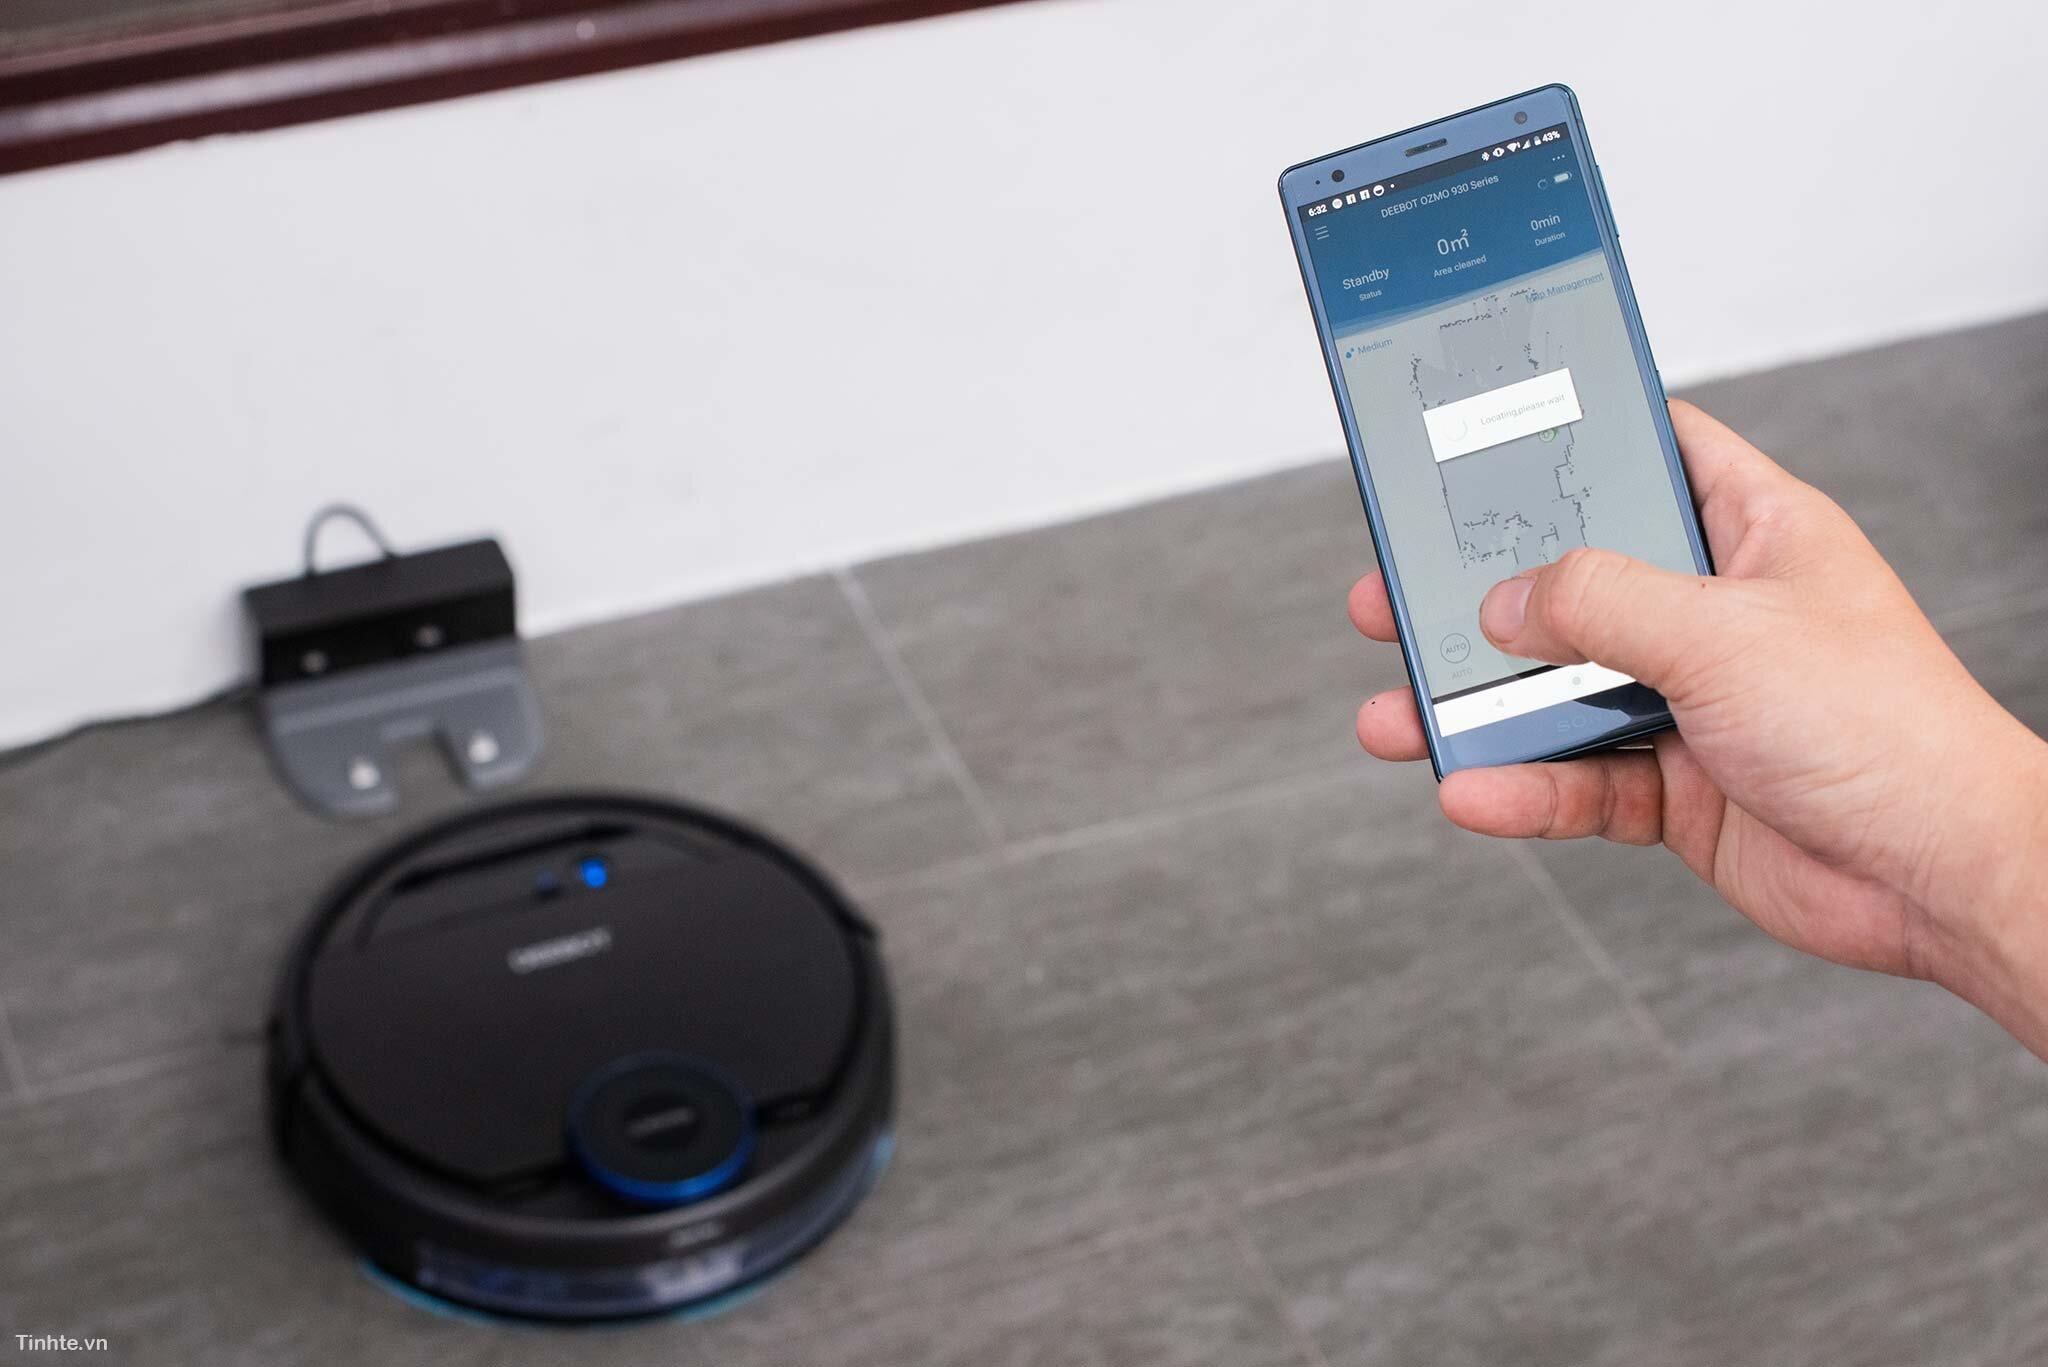 Kết nối thông minh với dock sạc và điện thoại